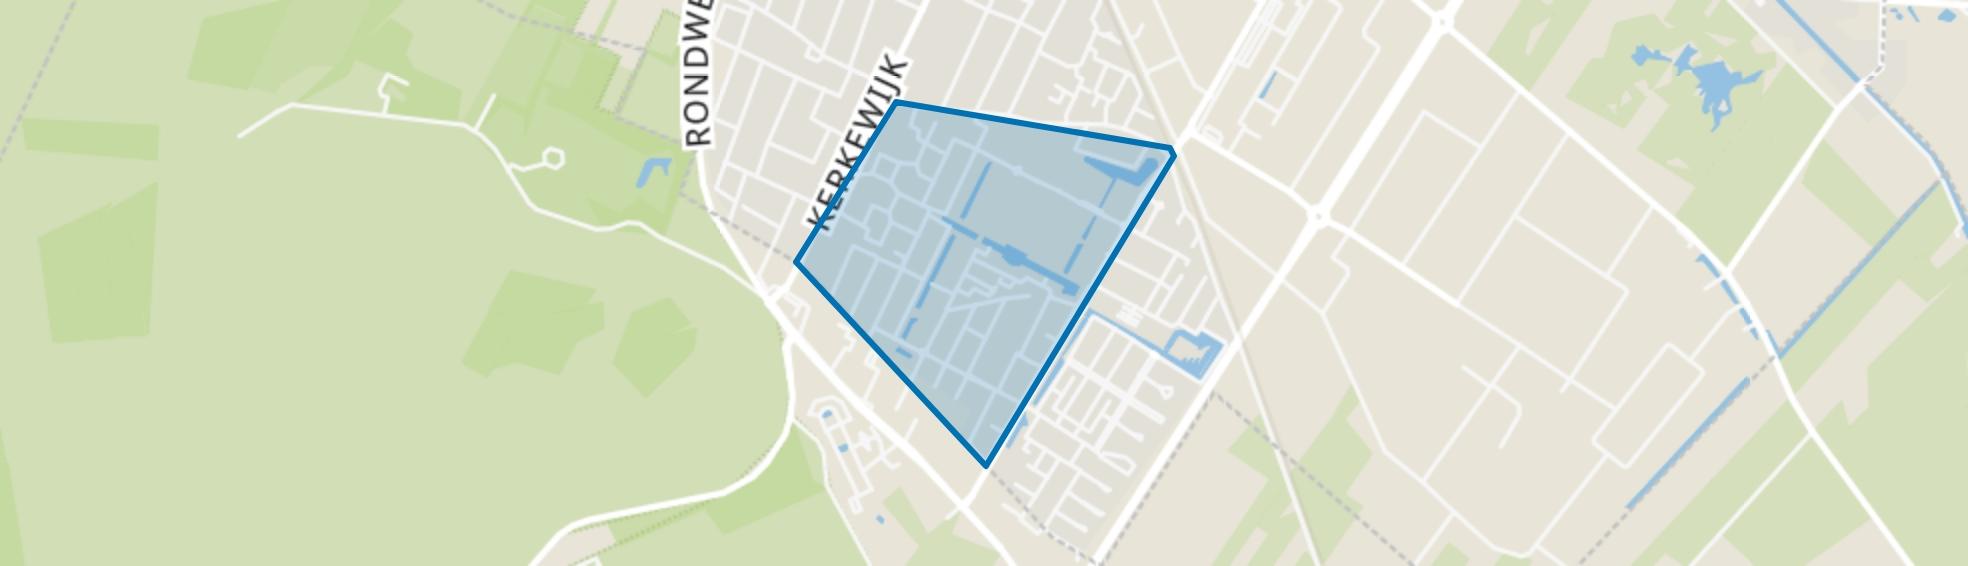 Petenbos, Veenendaal map